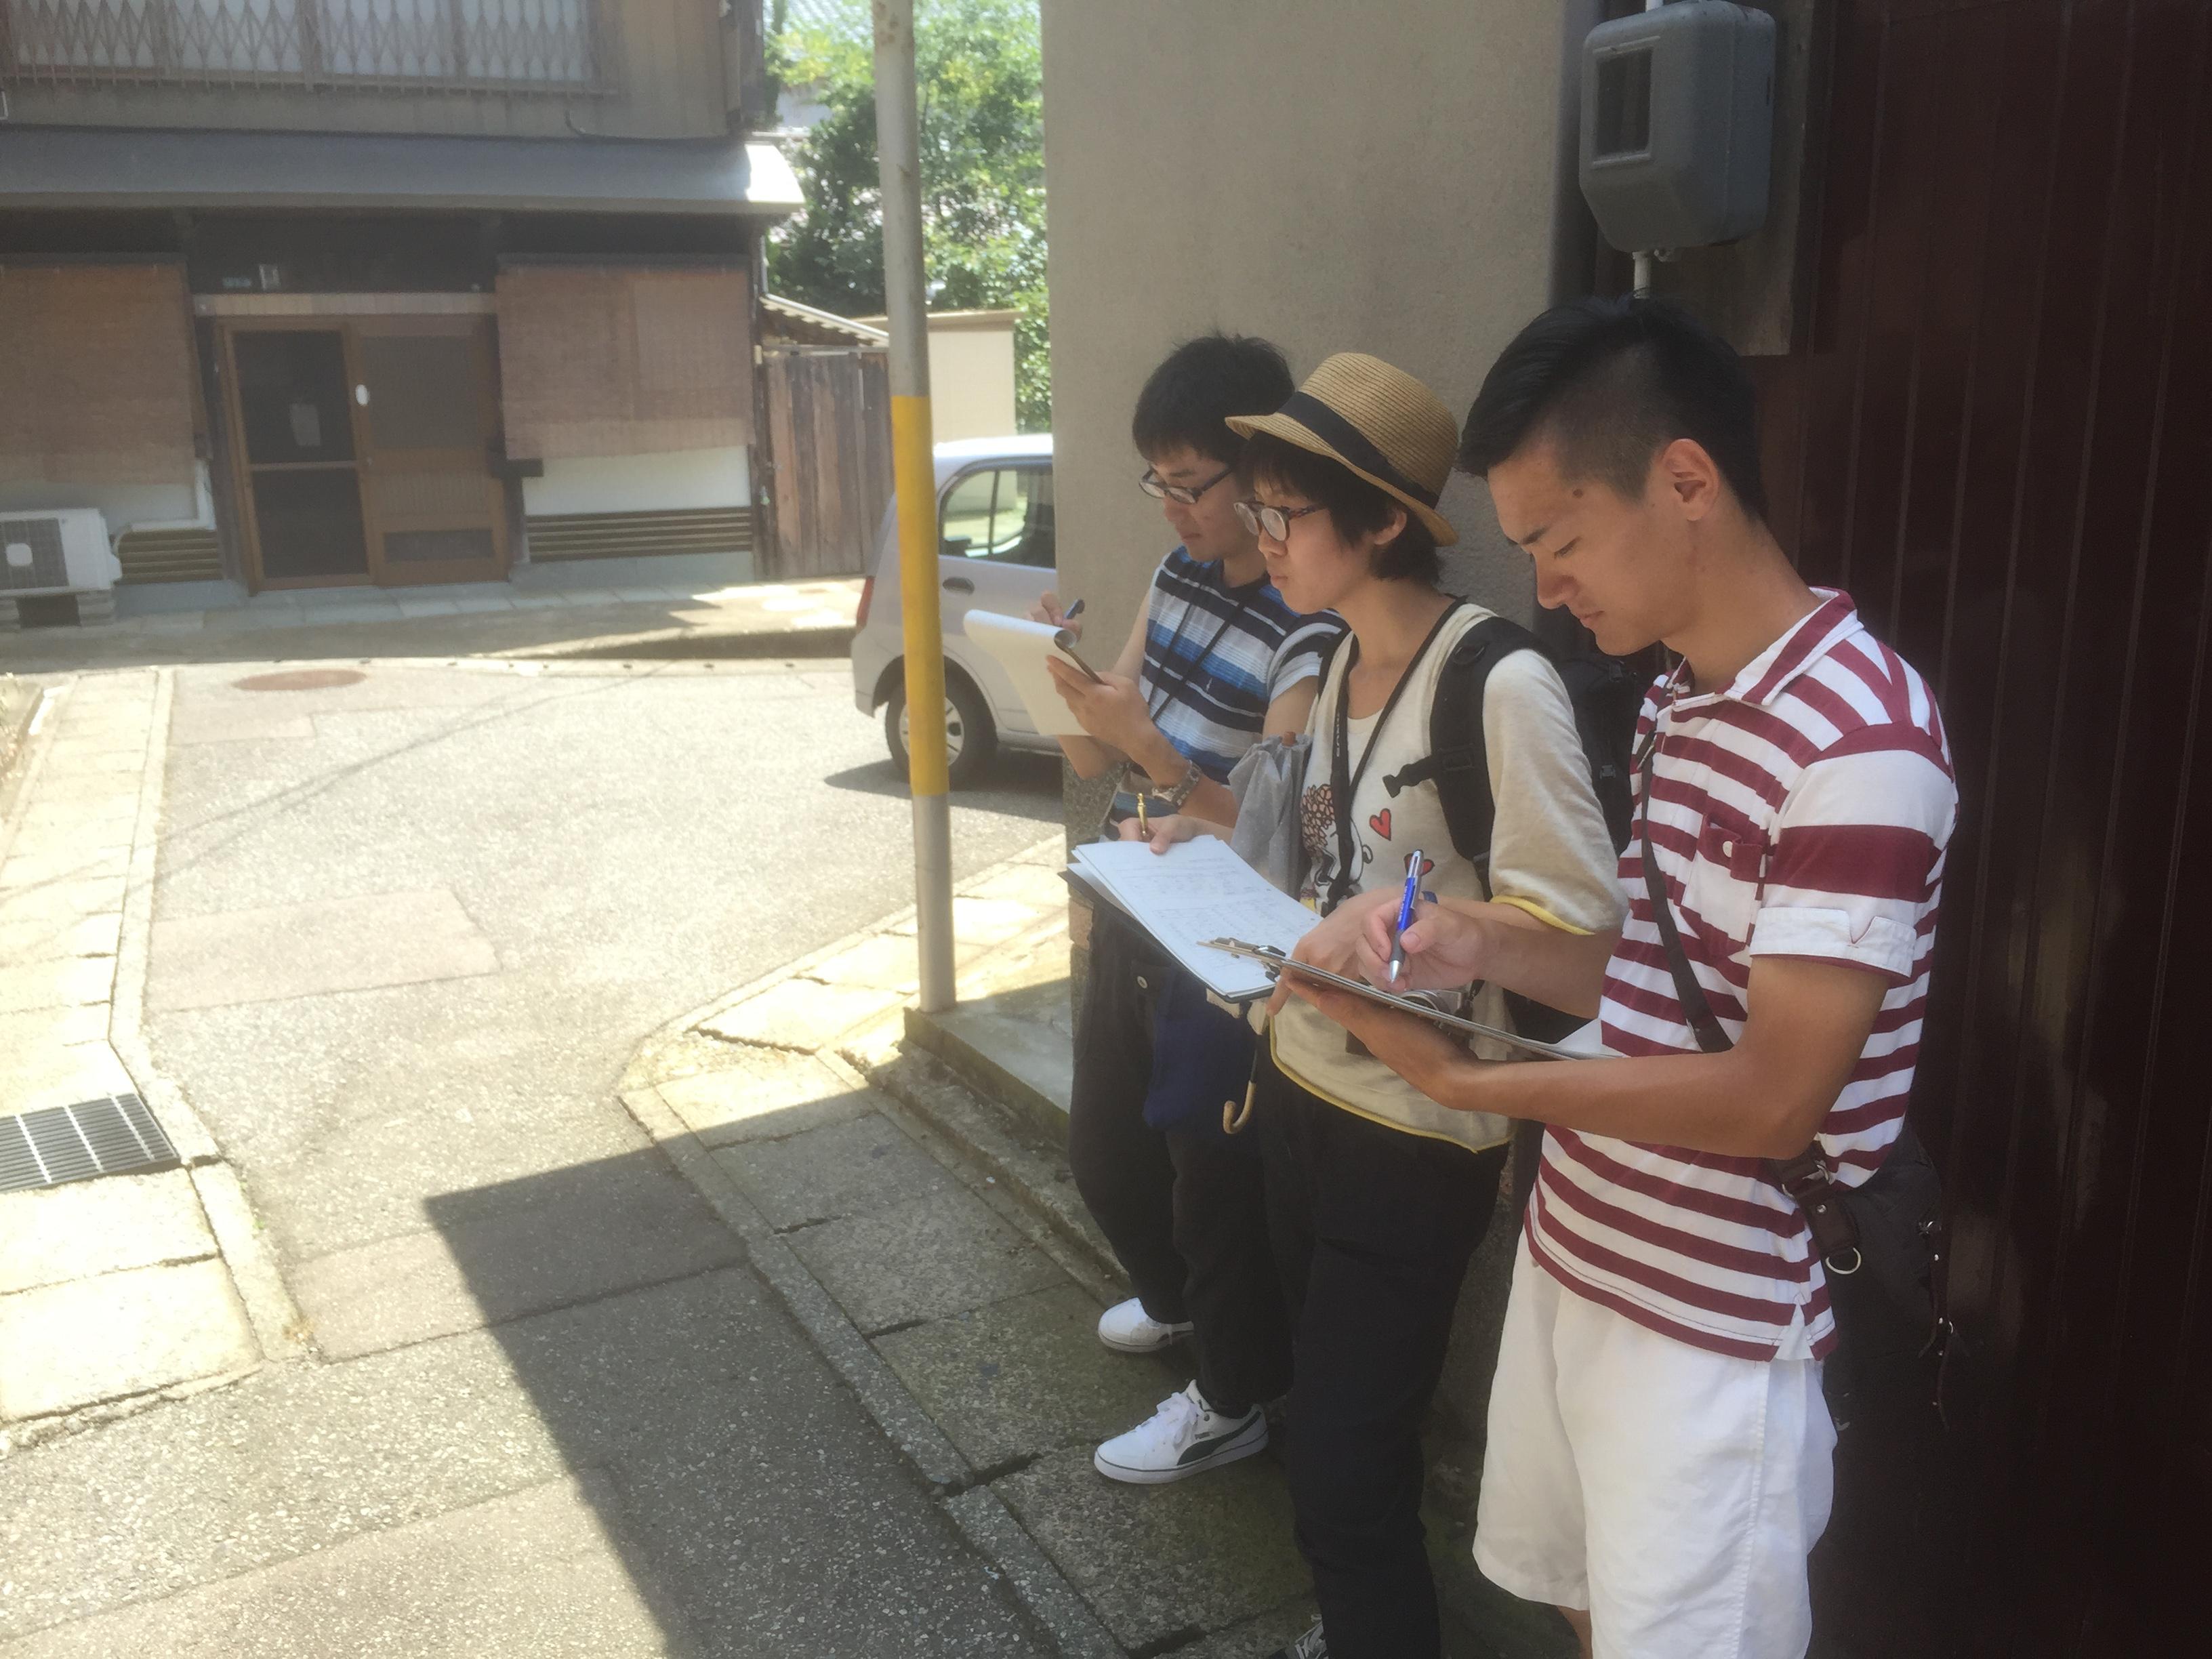 http://ud.t.u-tokyo.ac.jp/blog/_images/IMG_4041.JPG